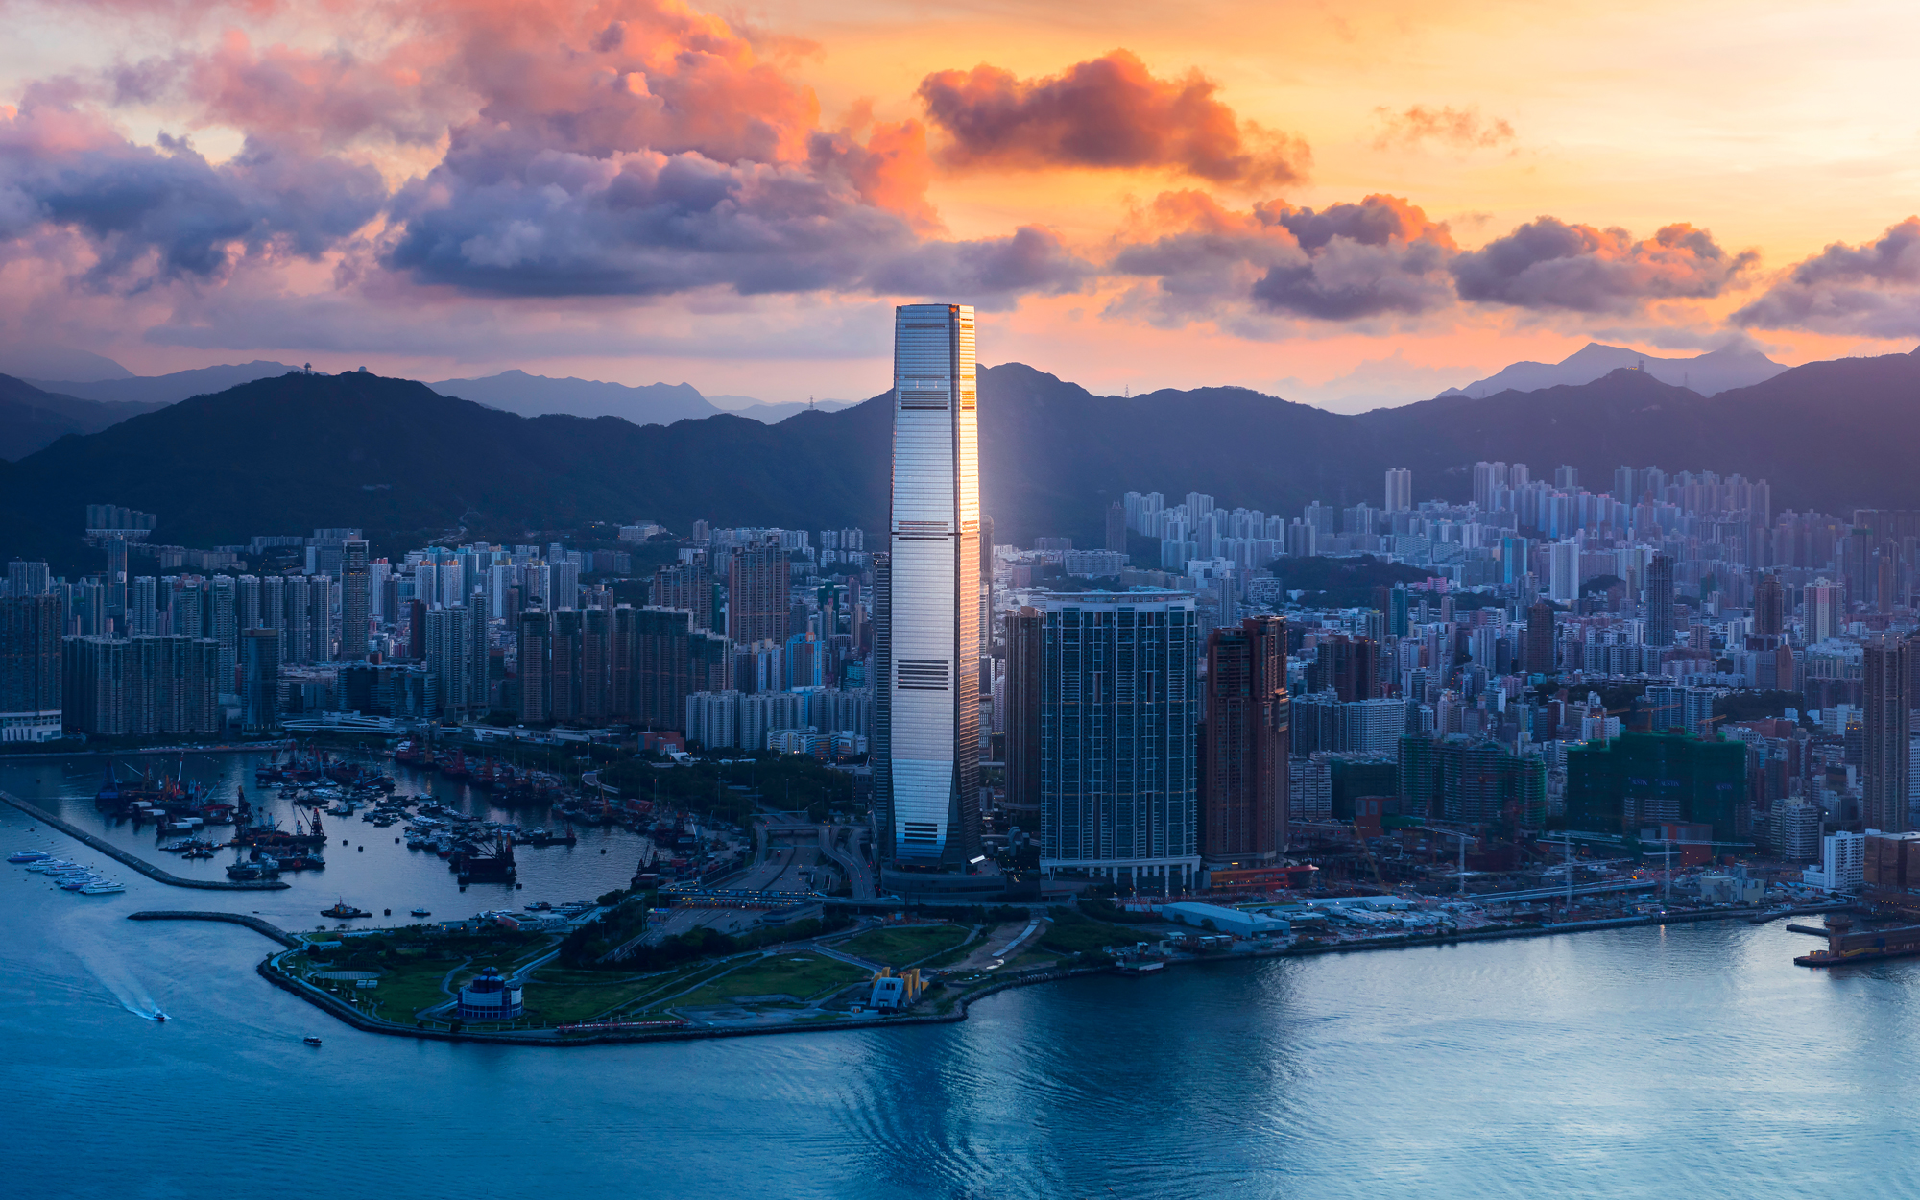 11. Международный коммерческий центр (Гонконг, Китай) – 484 метра.